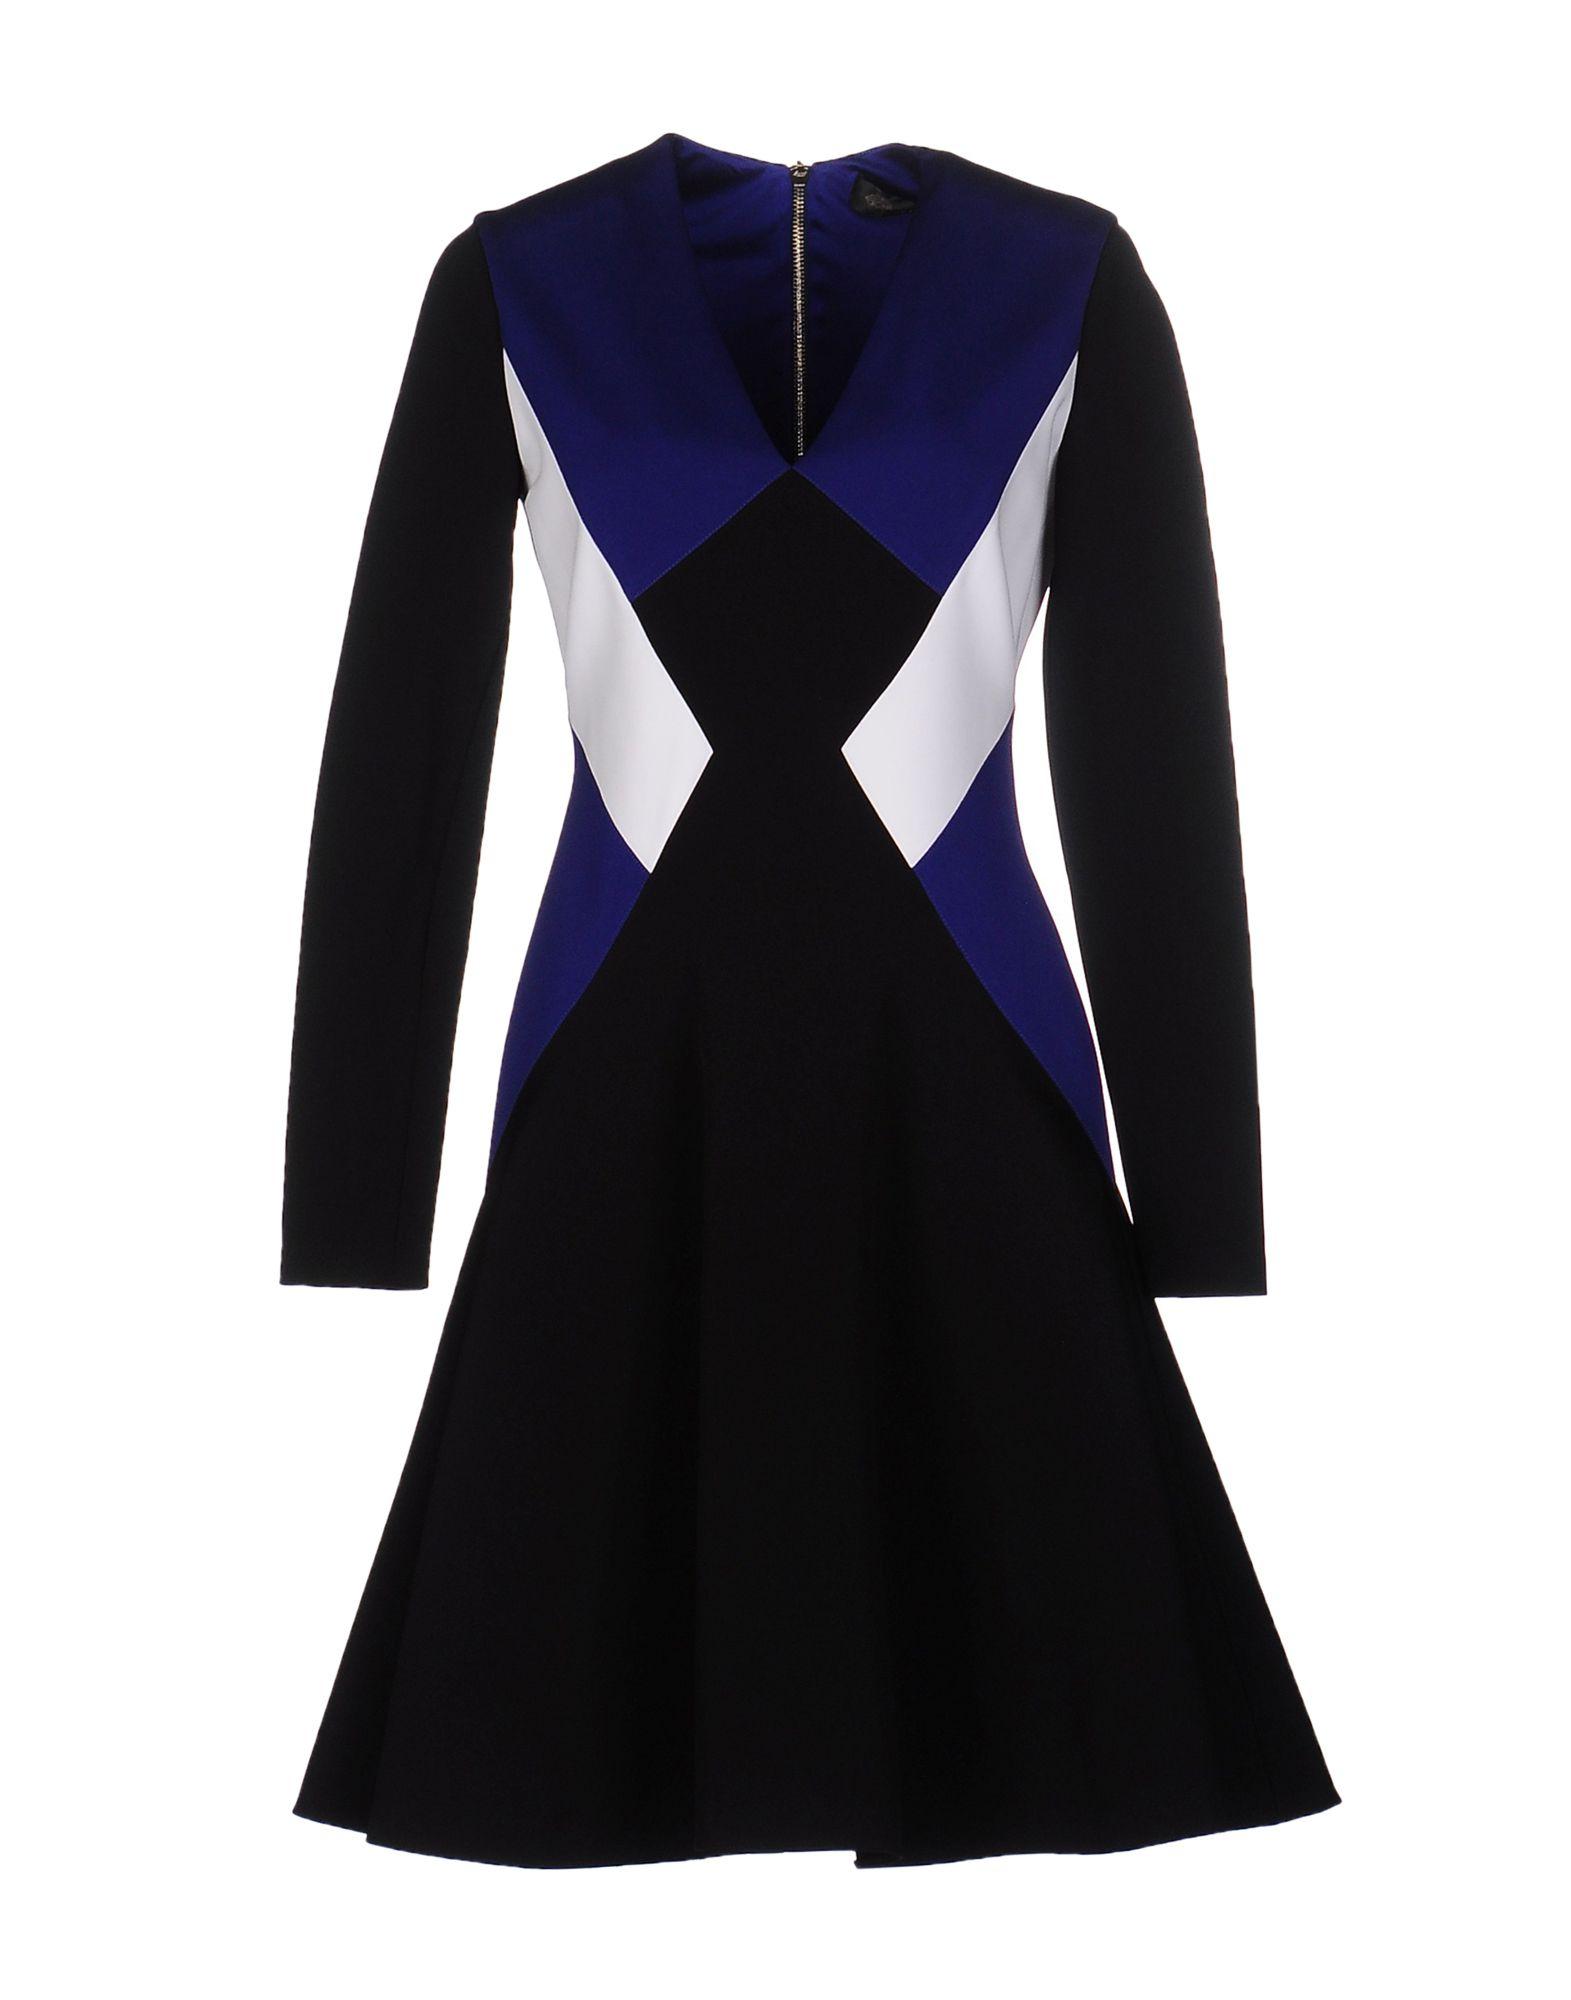 Vestito Corto Versace Donna - Acquista online su TqxAVtaF